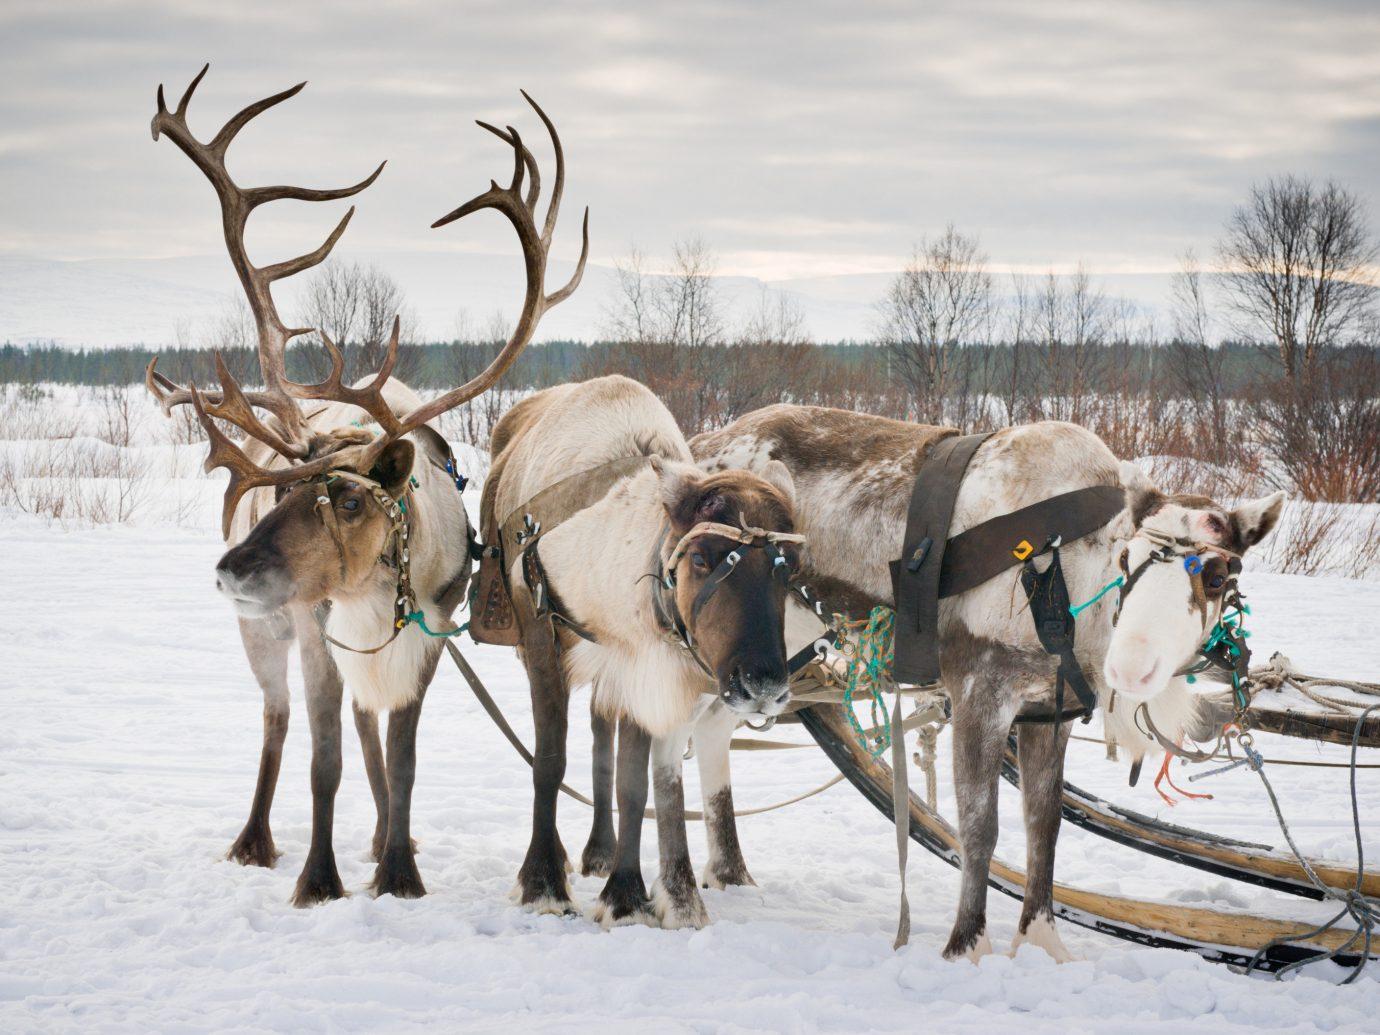 Norway Oslo Trip Ideas outdoor reindeer deer snow Winter Wildlife freezing tree mammal